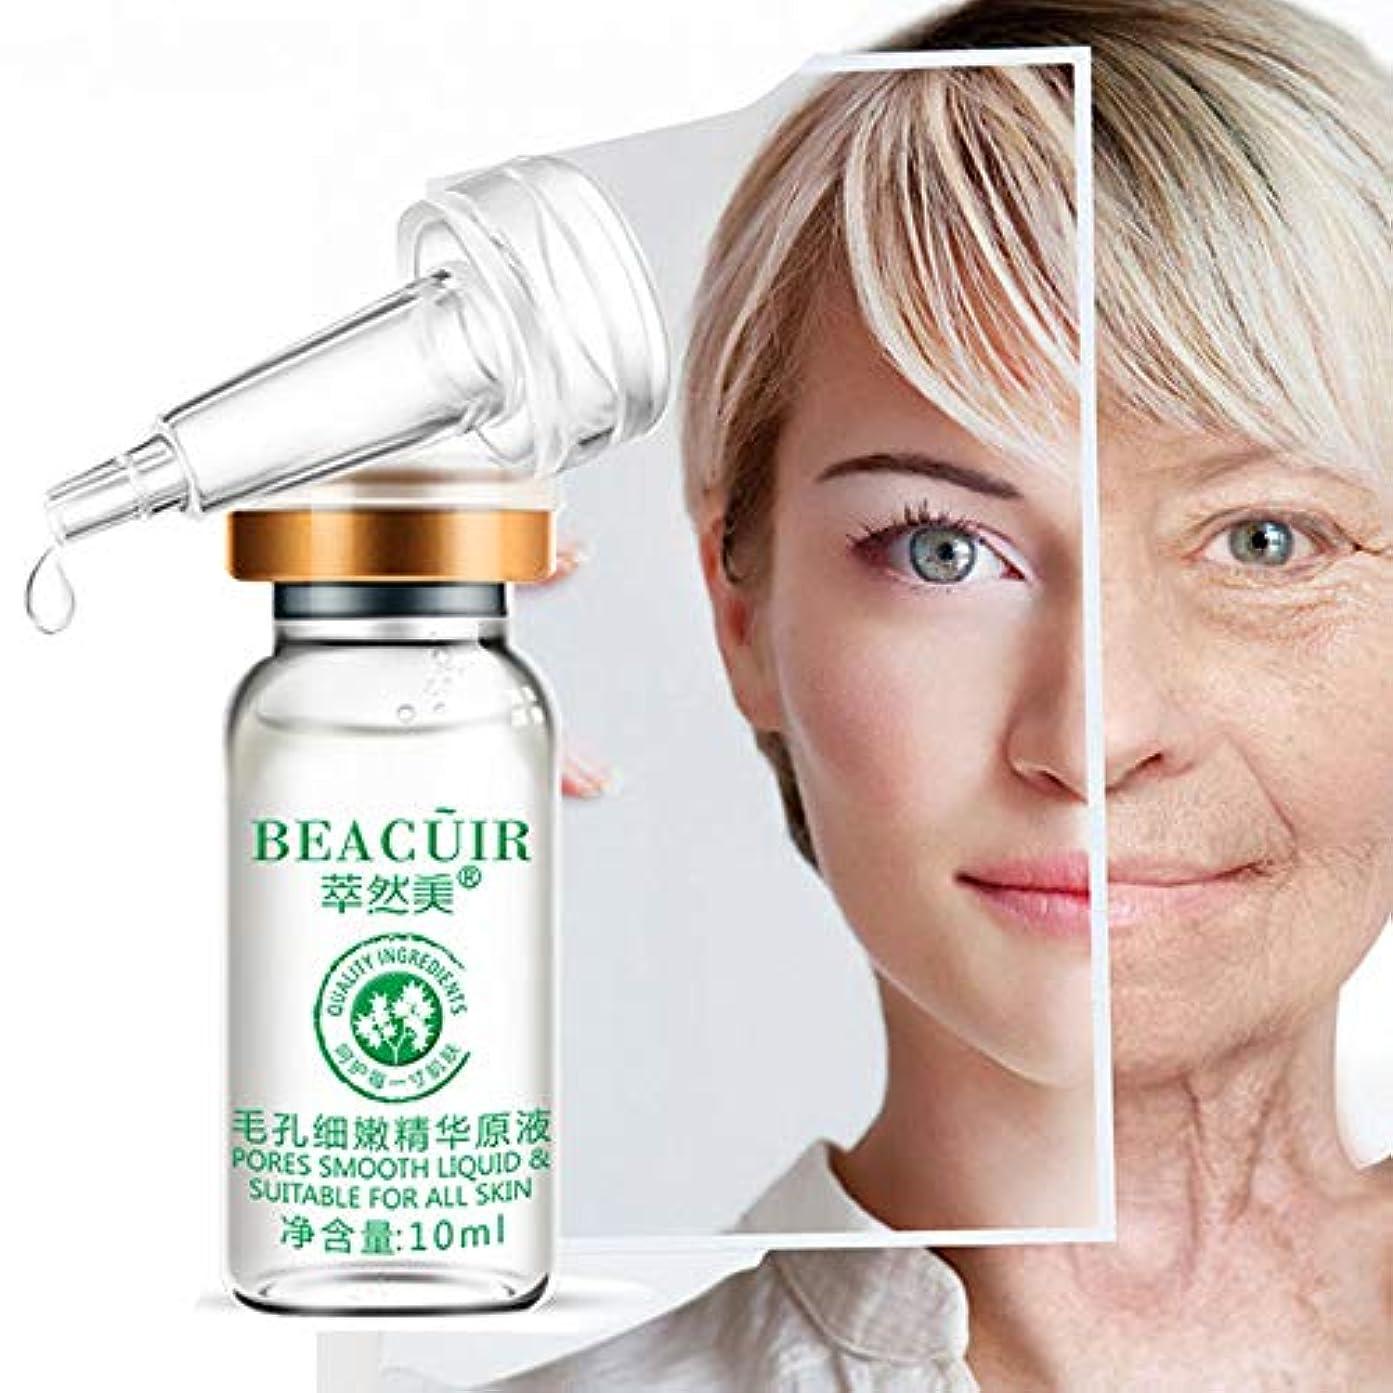 シード悪性集めるAkane BEACUIR 天然 水分 肌の明るさ 修復 美白 繊細 しわ取り 毛穴縮小 保湿 黒ずみ 角質除去 肌荒れ防止 くすんだ肌を改善し エッセンス 10ml